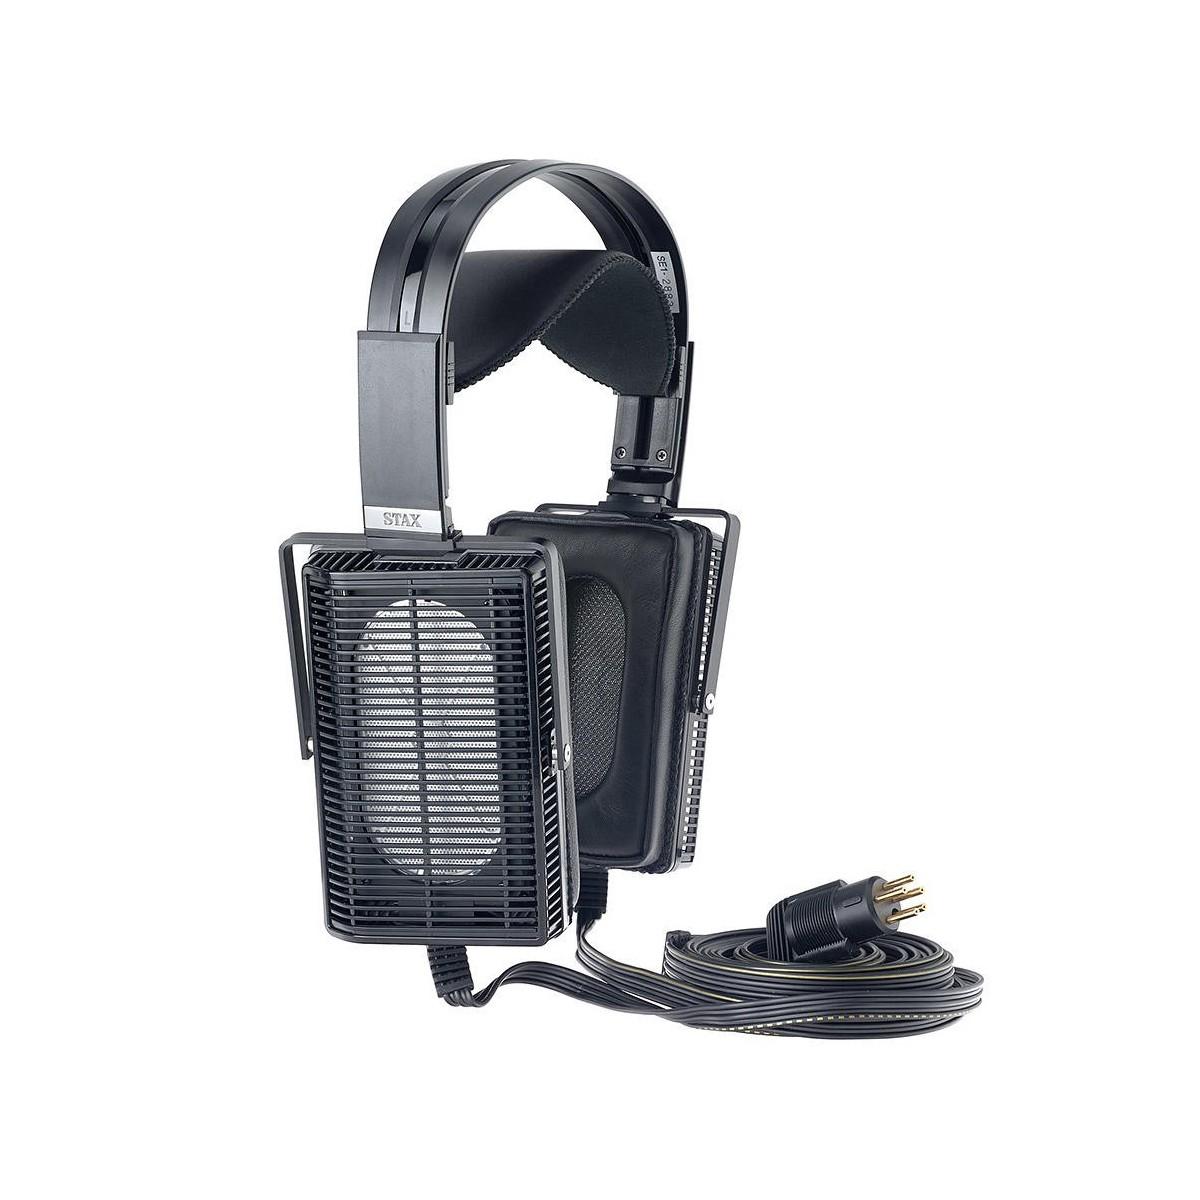 Over-Ear-Kopfhörer Lambda SR-L700 Pro